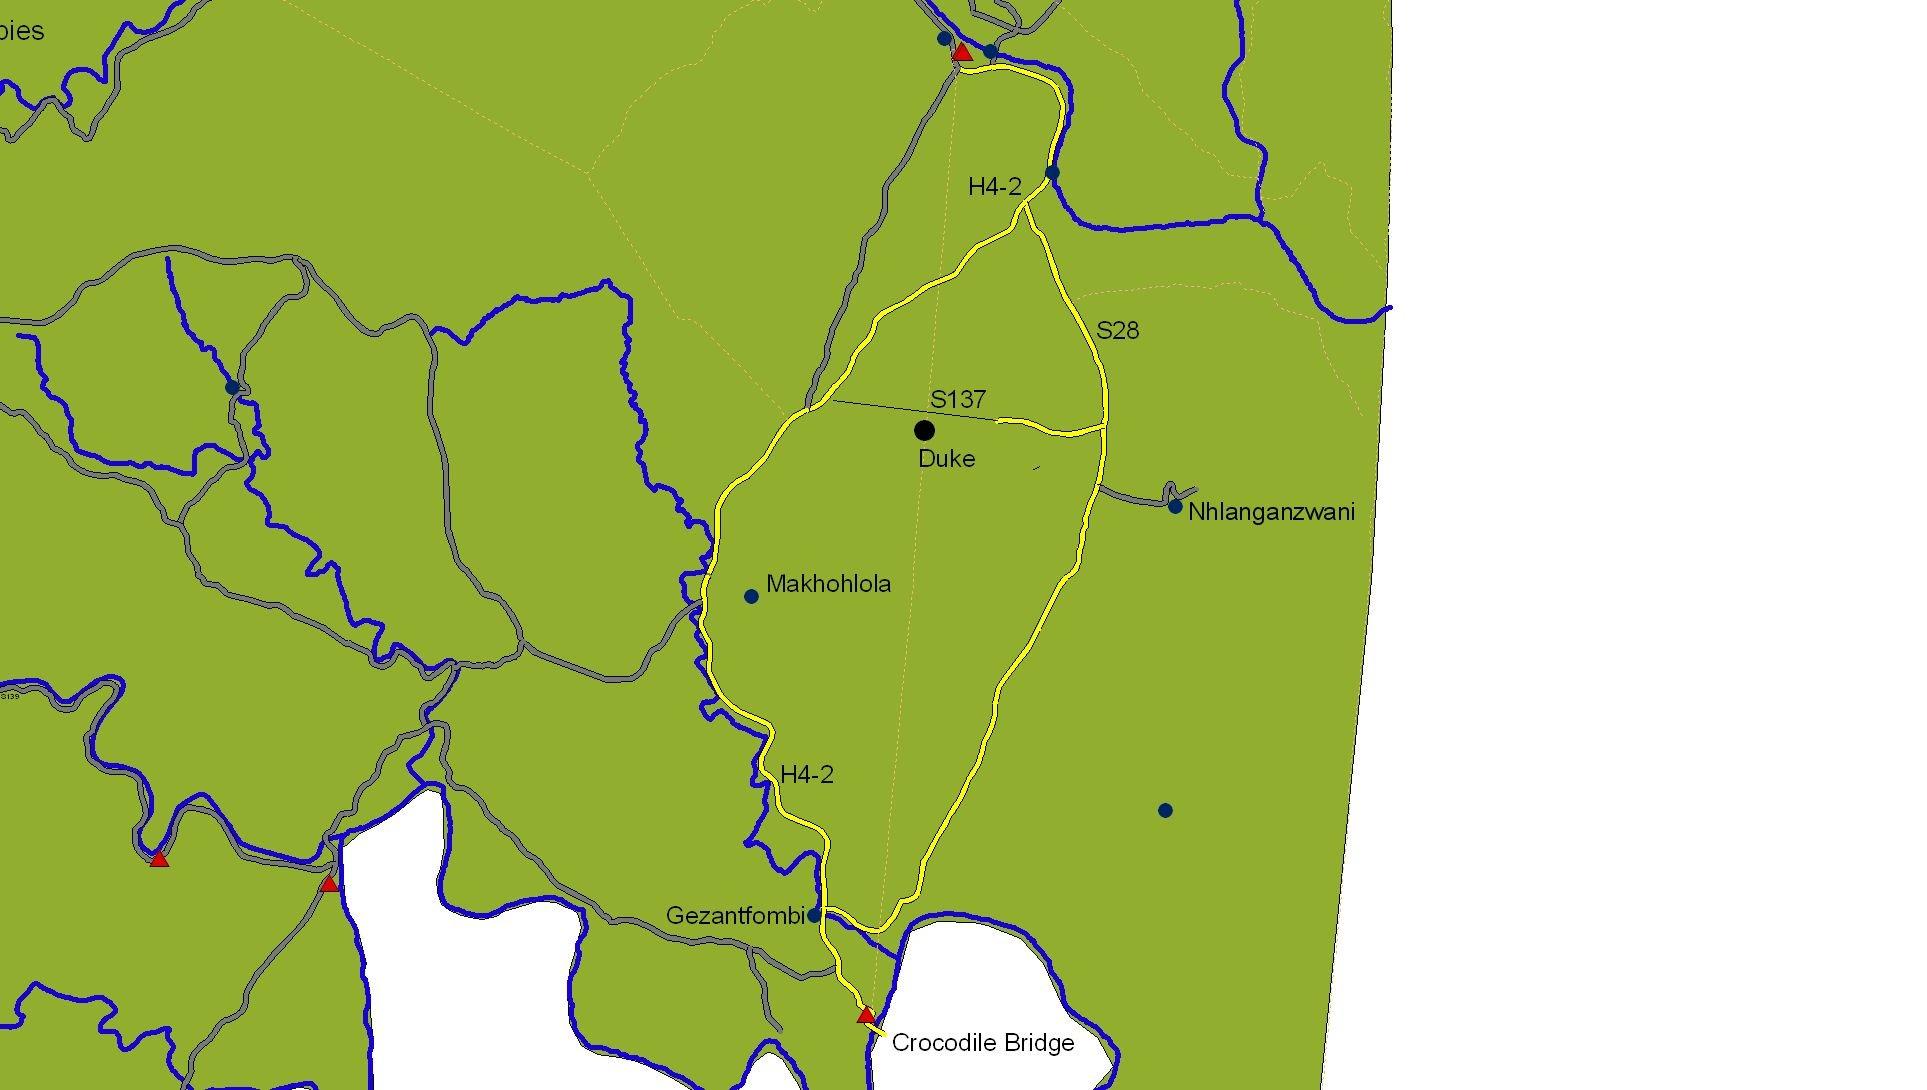 Lower Sabie route | Moriti Private Safaris